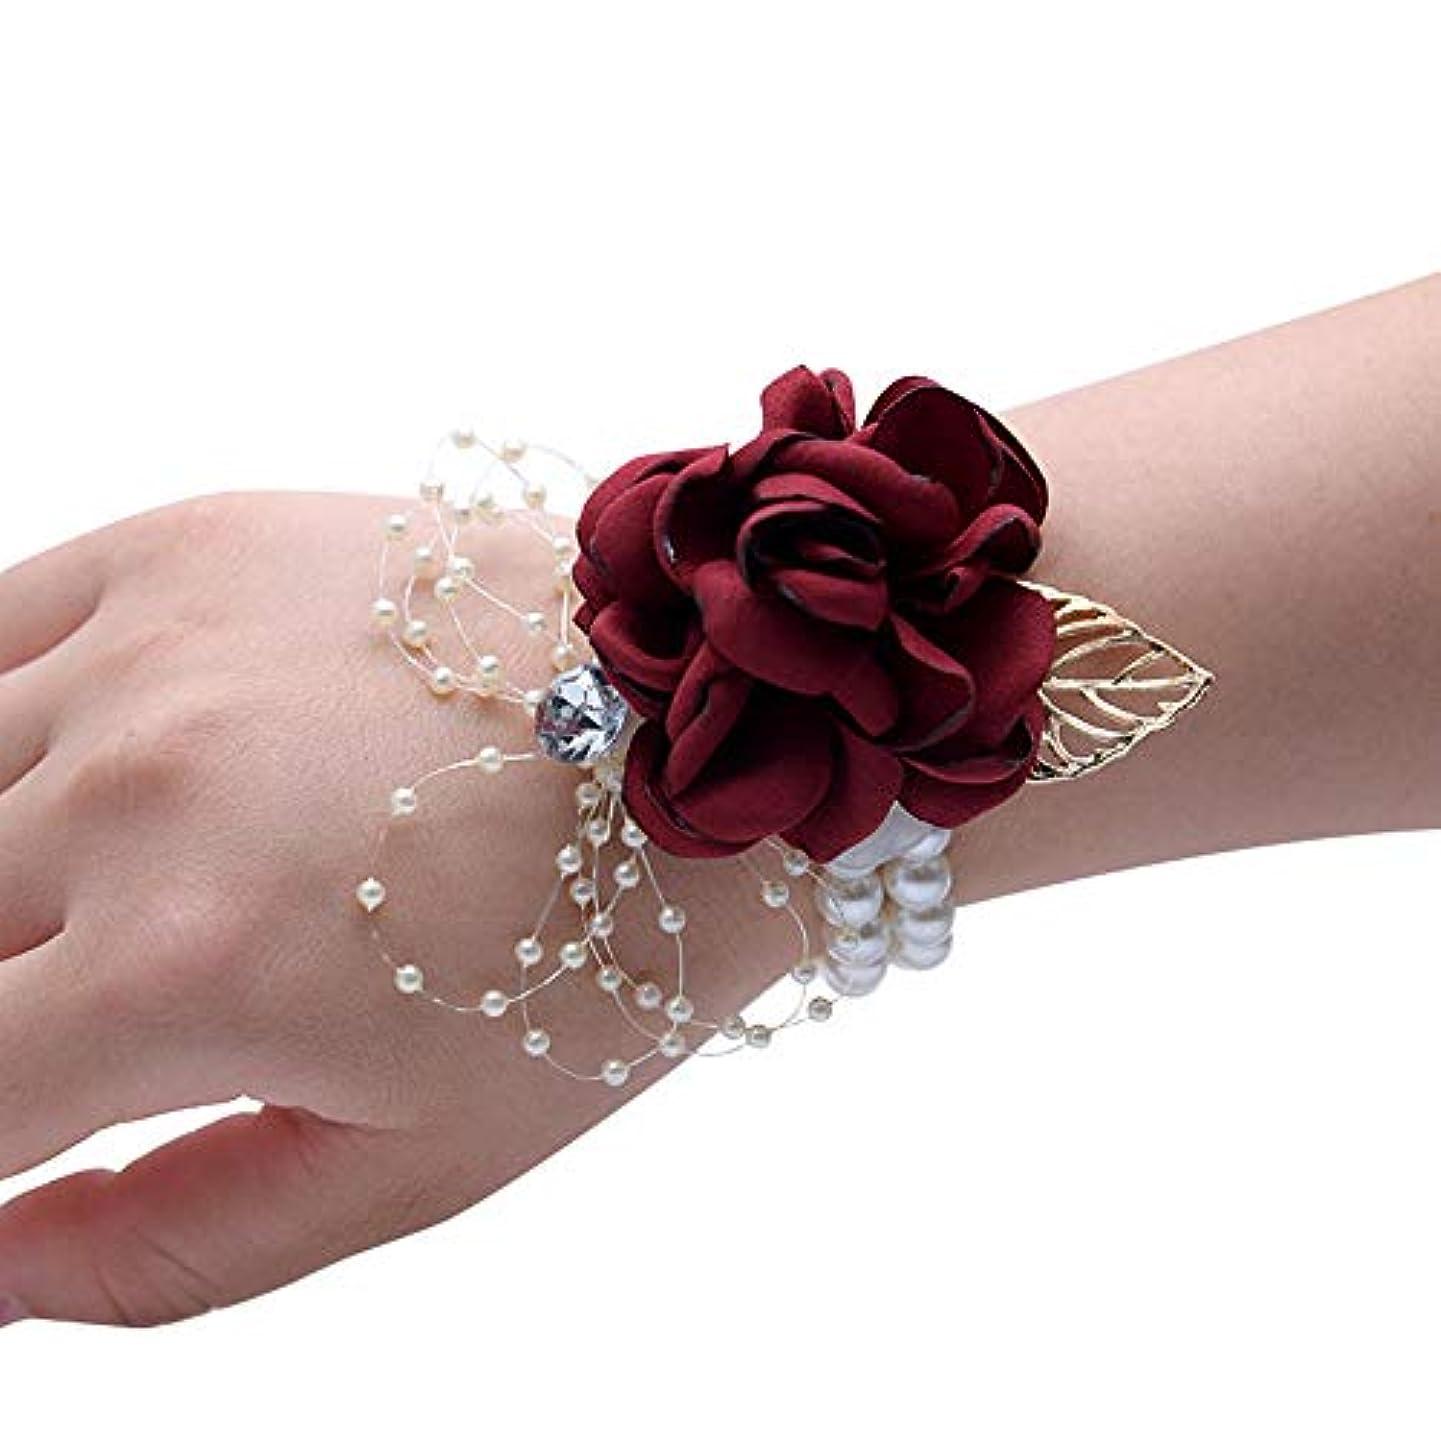 薬用舗装宇宙のMerssavo 手首の花 - 女の子チャーム手首コサージュブレスレット花嫁介添人姉妹の手の花のどの真珠の結婚式、ワインレッド